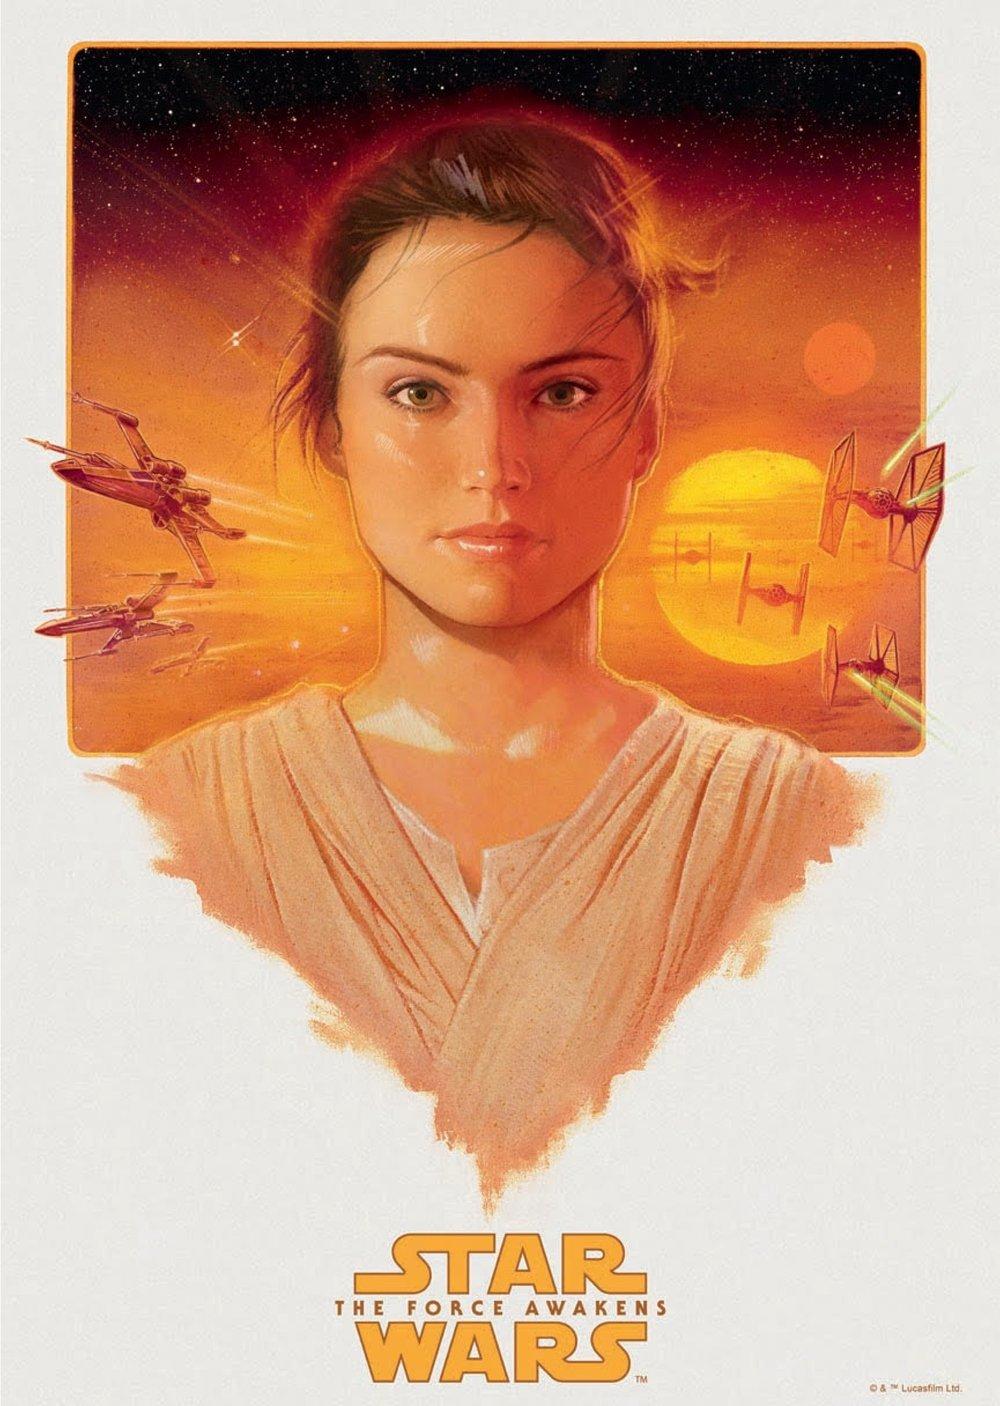 image 4 - Star Wars - Rey - John Keaveney - Bottleneck Gallery.jpg